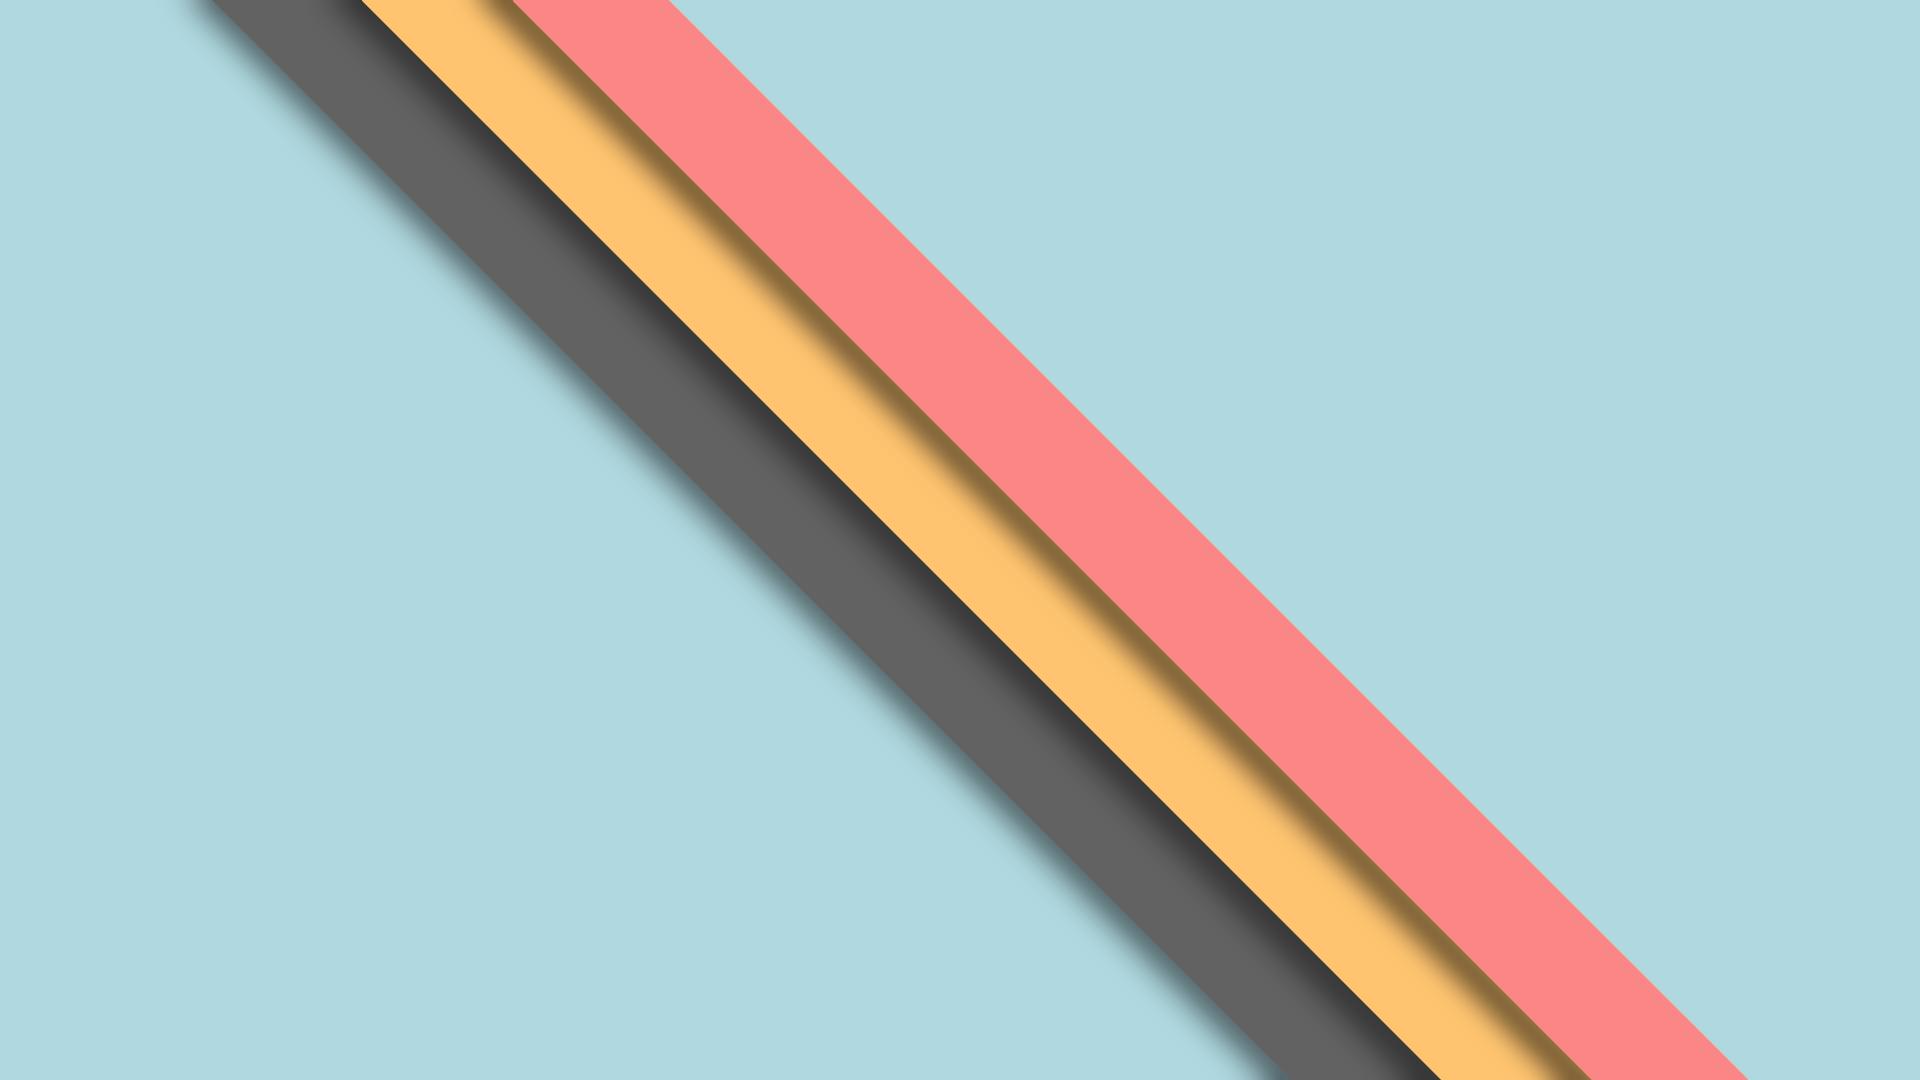 Flat Design HD Minimal Wallpaper